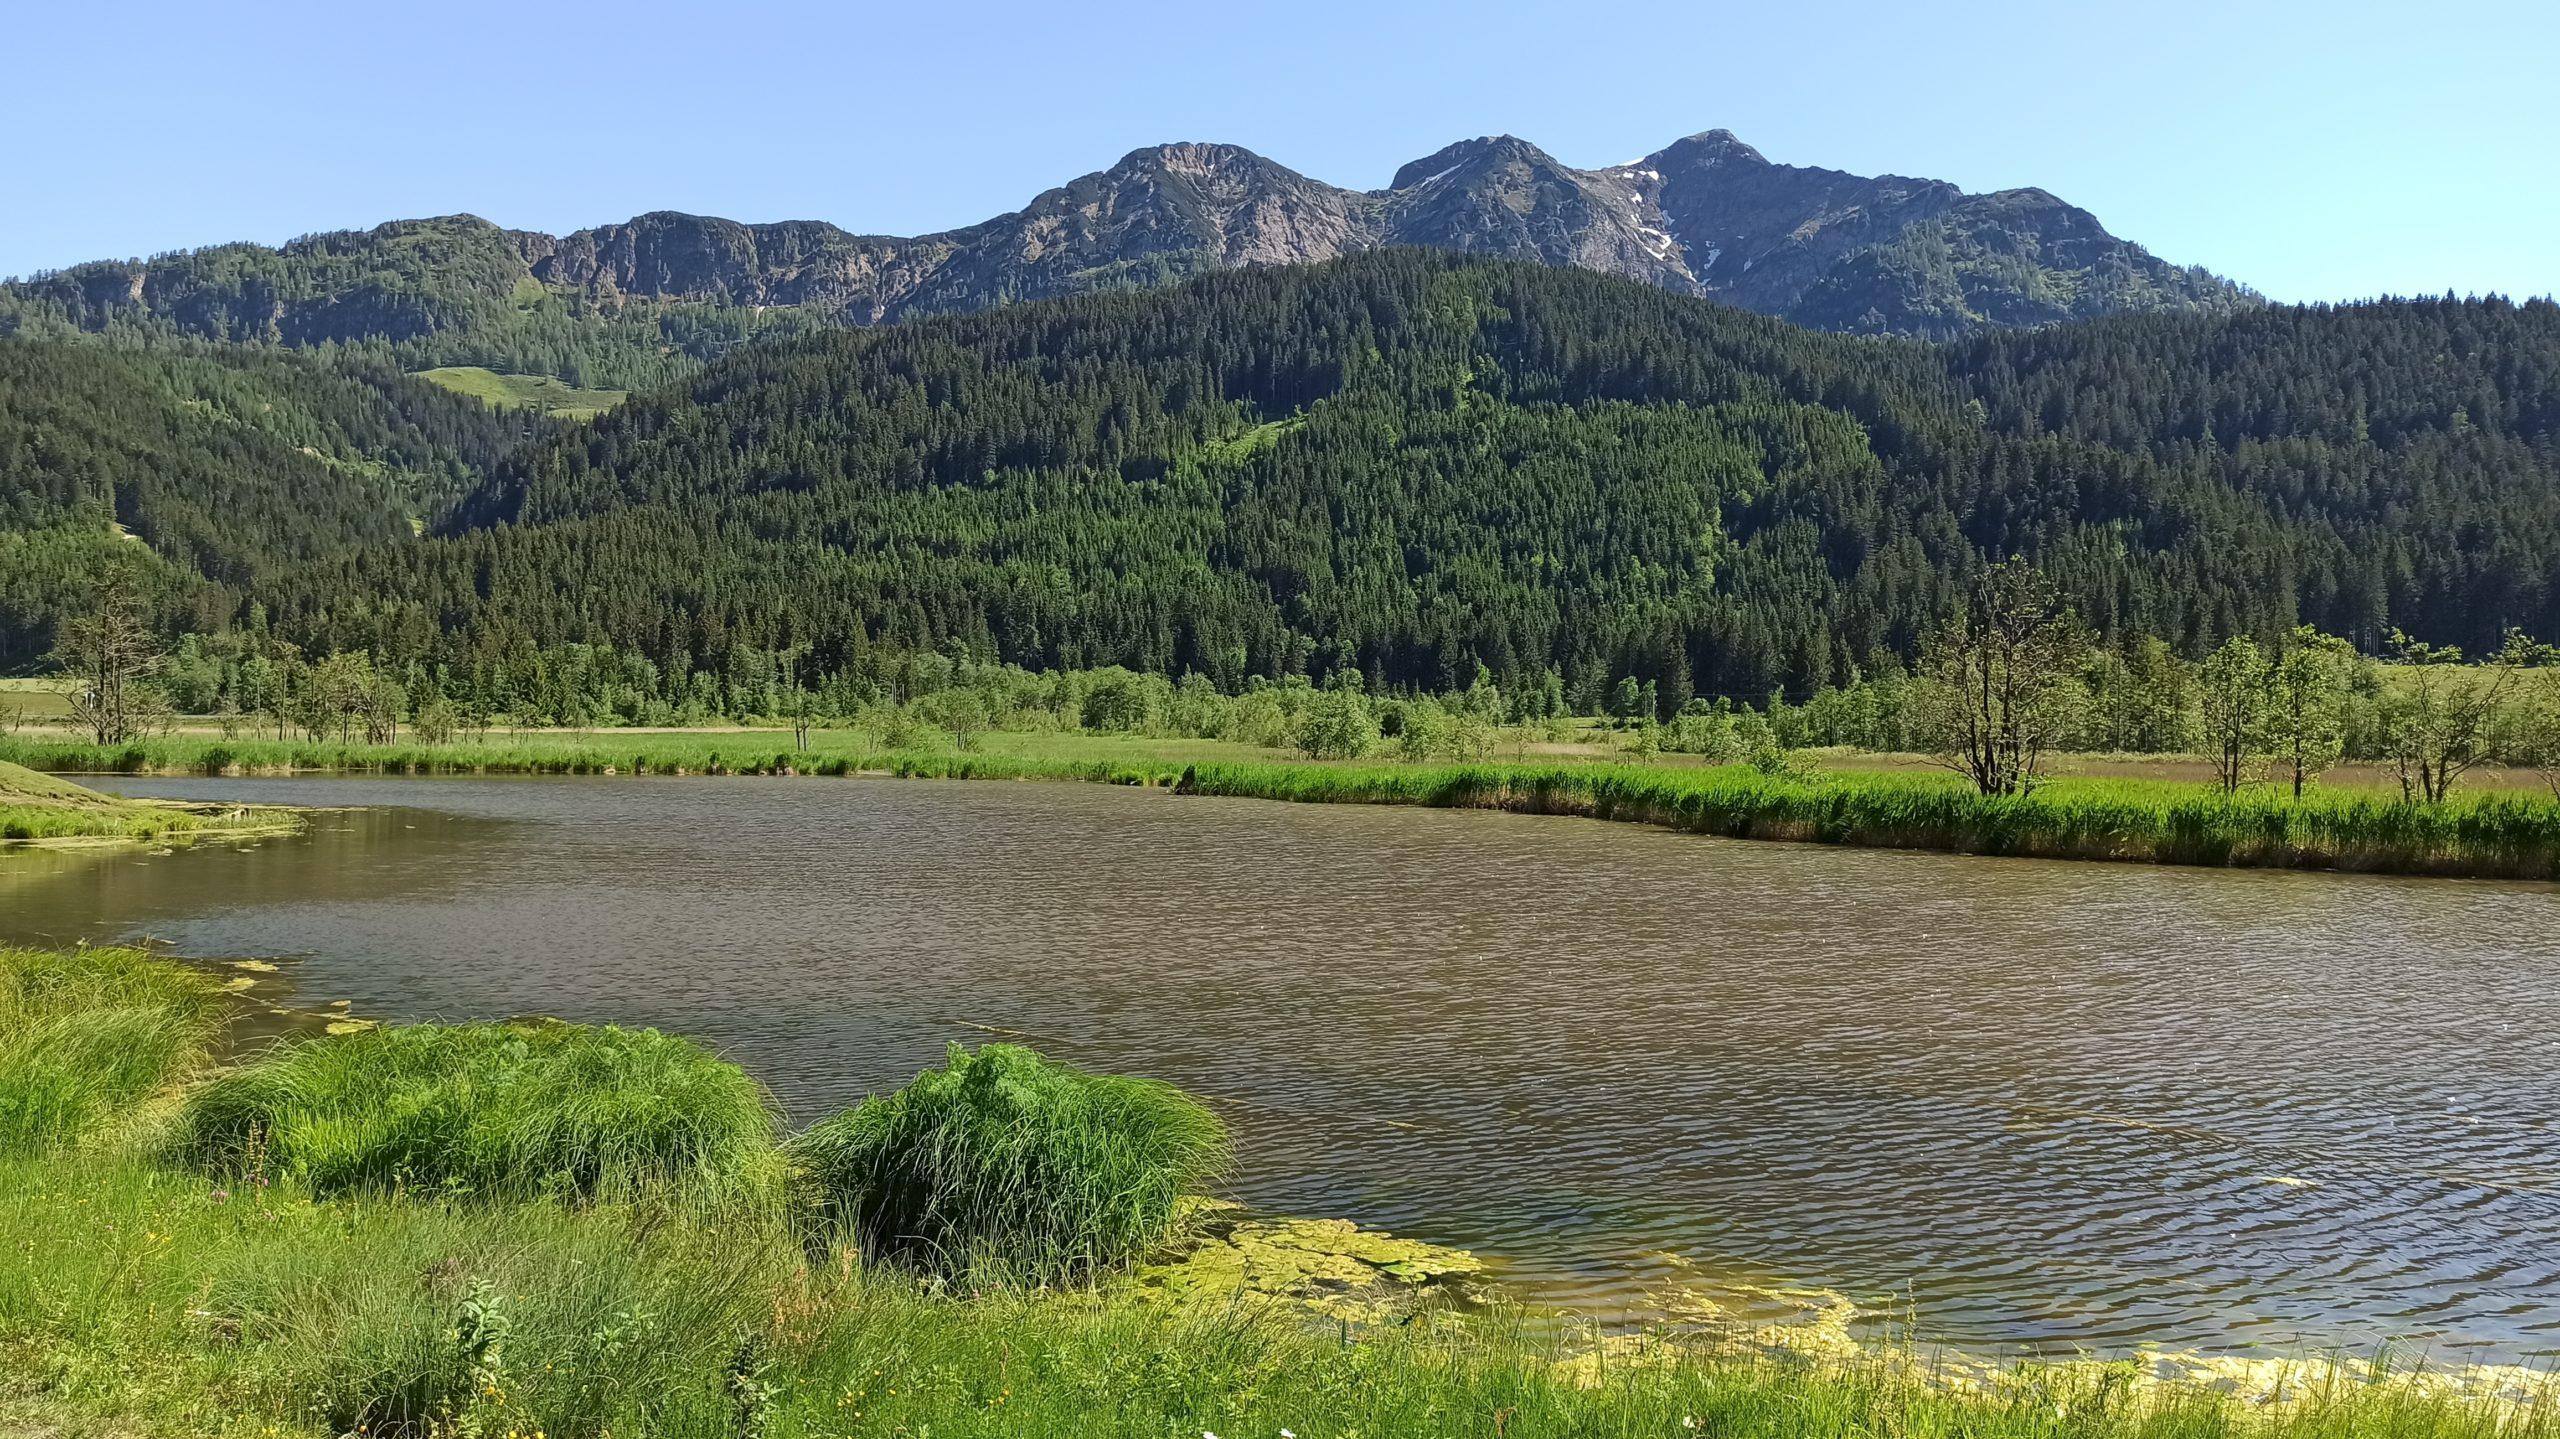 Der ruhige Grießensee vom Radweg aus betrachtet